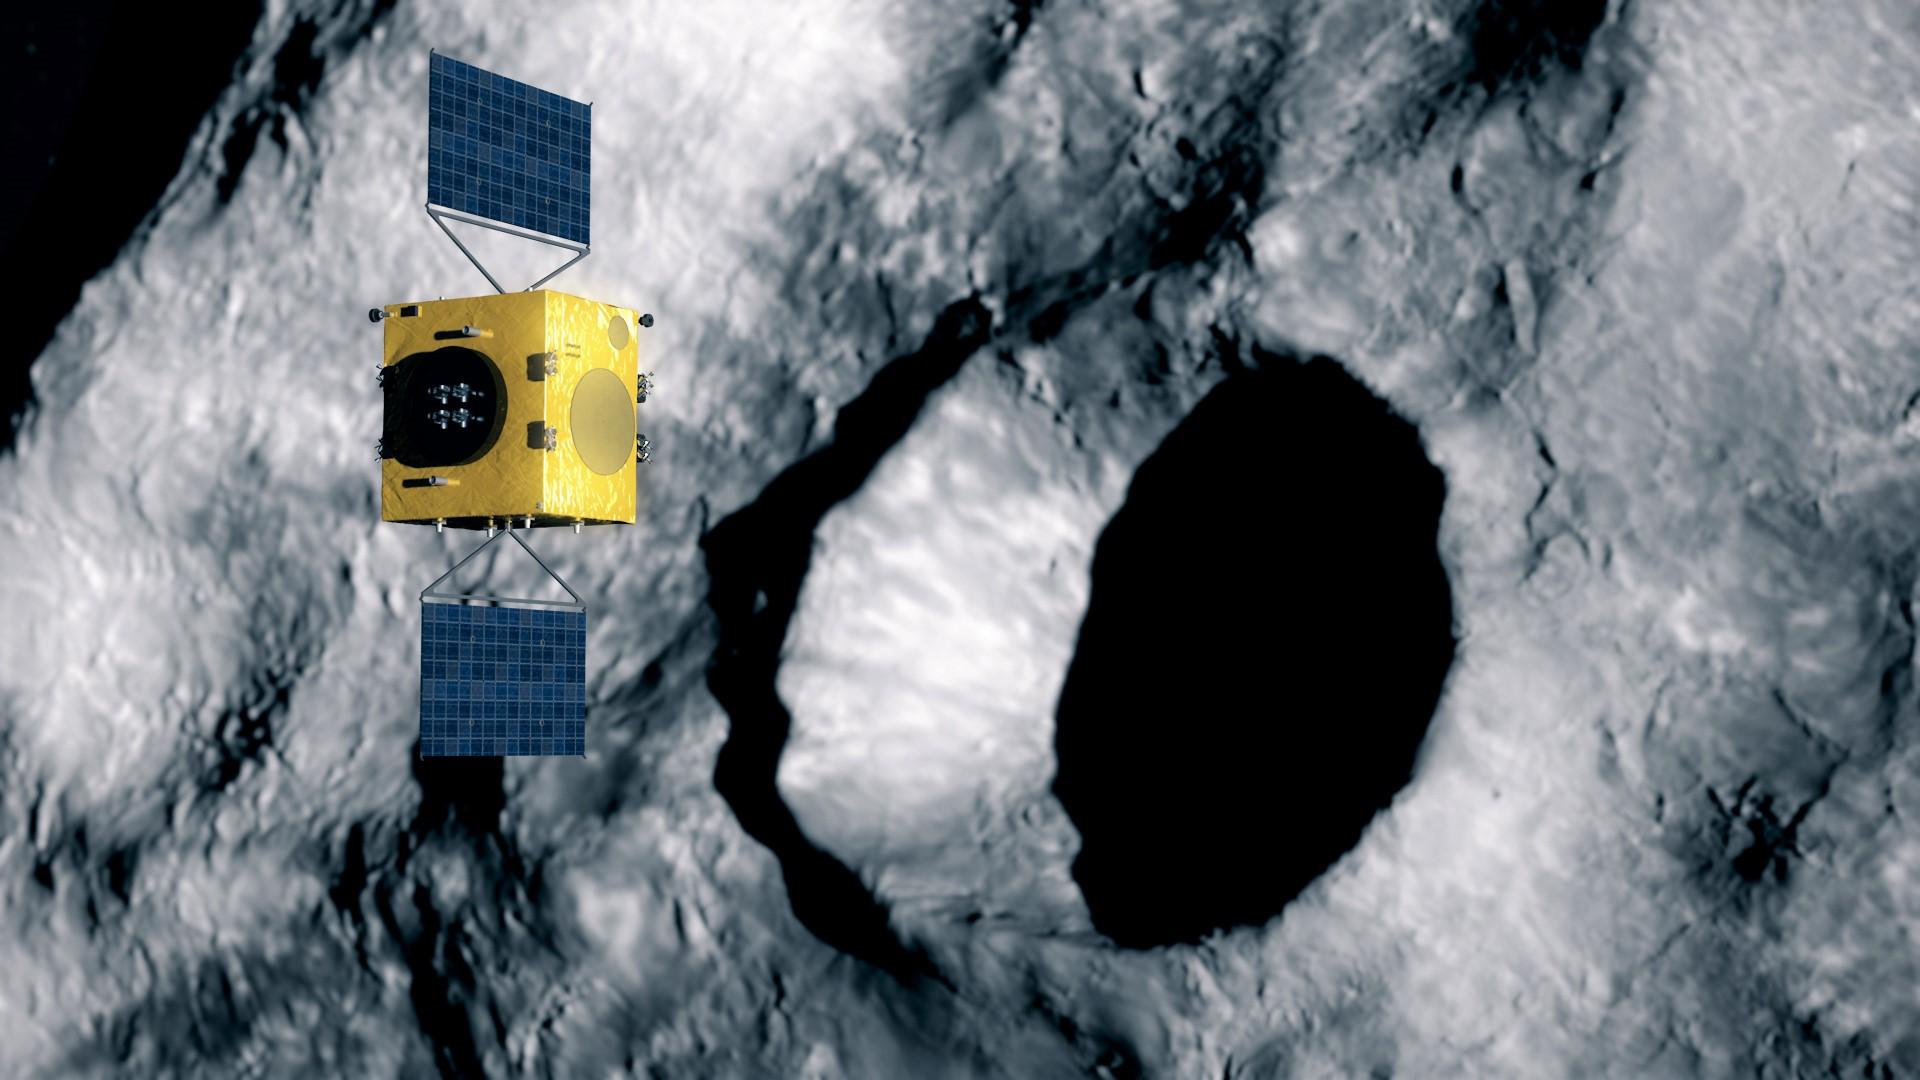 Hera skal undersøke effekten av å dytte til den lille asteroiden Dimorphos med romfartøyet DART. Illustrasjon: ESA